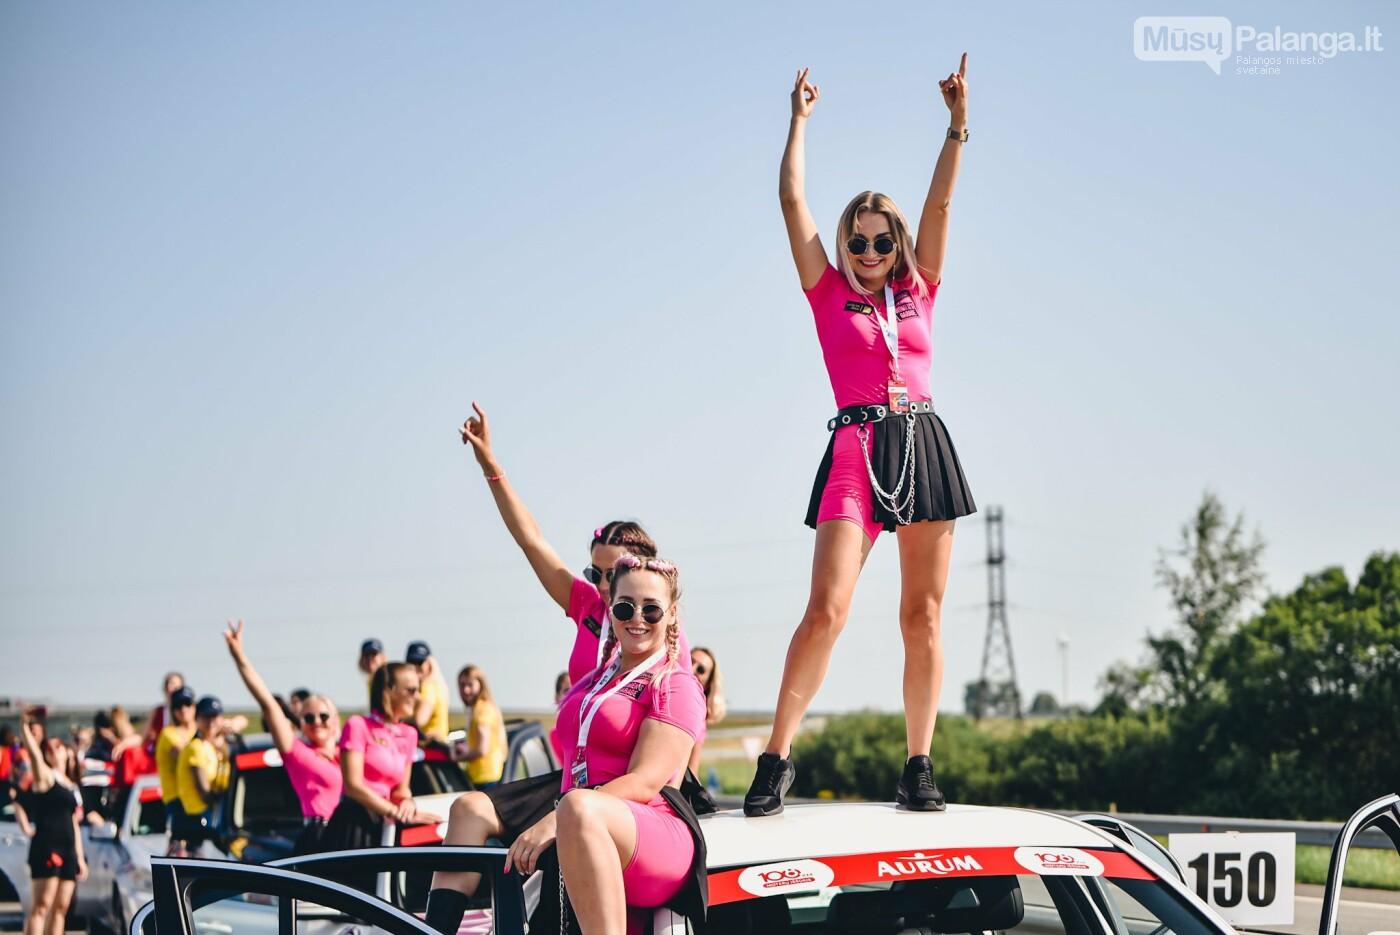 Žiūrovus žavėjo kilometrinė moterų iššūkio dalyvių kolona, nuotrauka-7, Vytauto PILKAUSKO ir Arno STRUMILOS nuotraukos